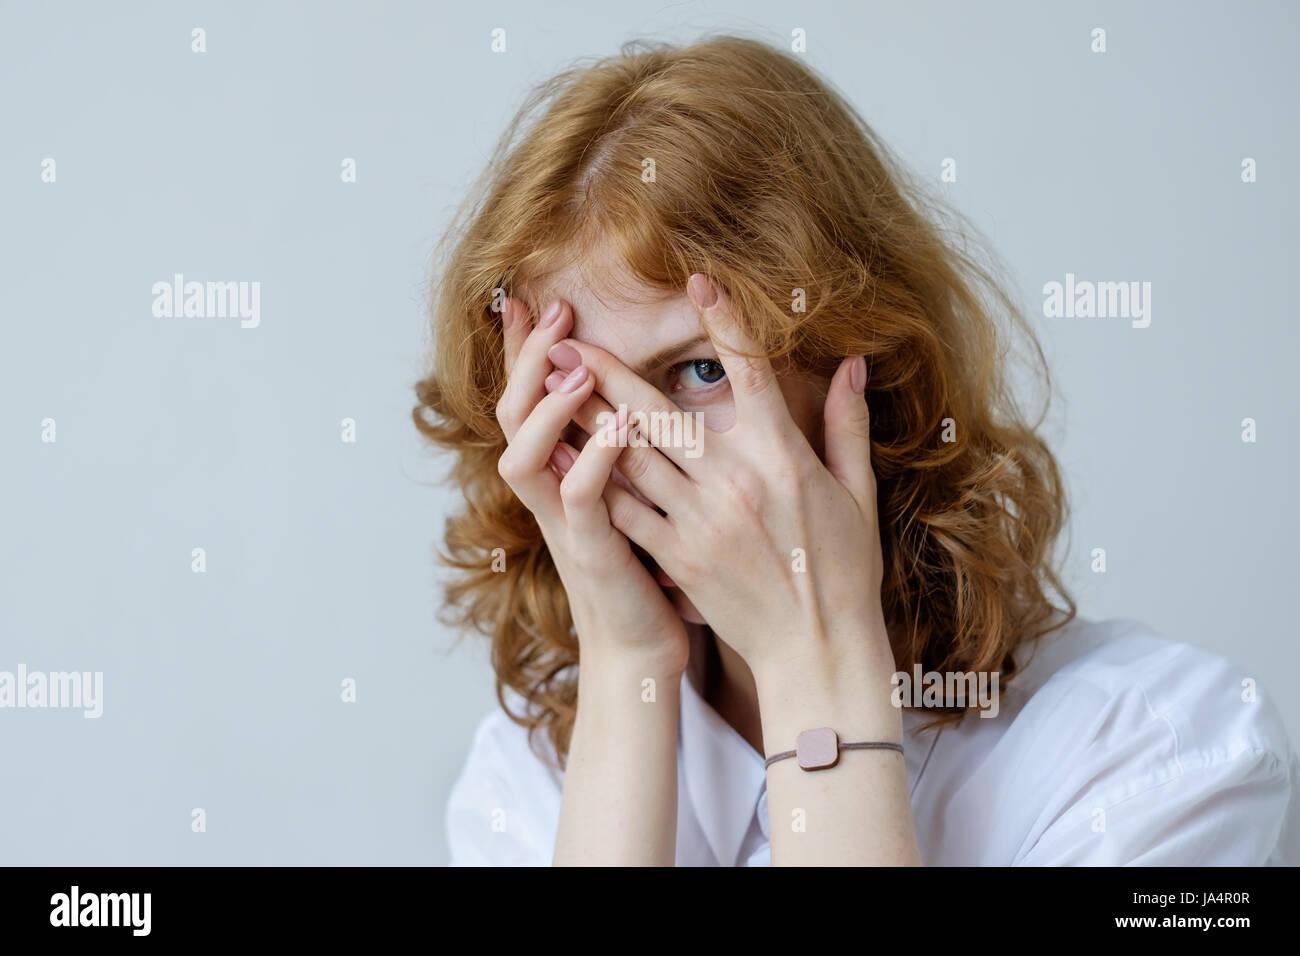 Ein rothaariges Mädchen mit locken in Verlegenheit bedeckt ihr Gesicht mit den Händen und den Fingern Stockbild